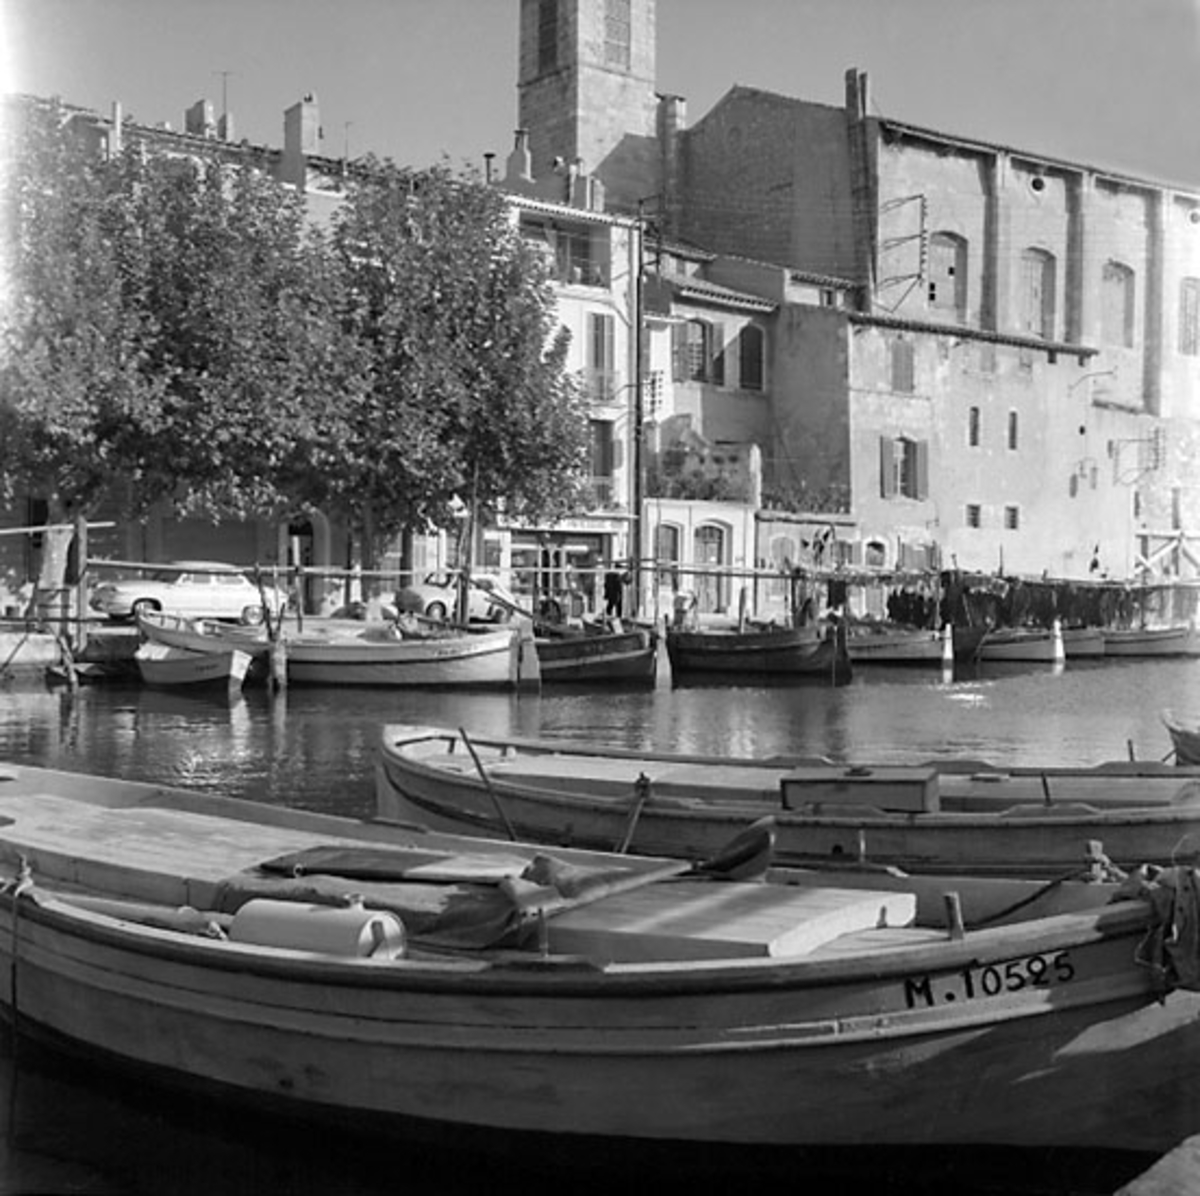 30. Frankrike. Fotojournal finns på B.M.A. + fotoalbum. Samtidigt förvärv: Böcker och arkivmaterial. Foton tagna 1959-11-06. 12 Bilder i serie.